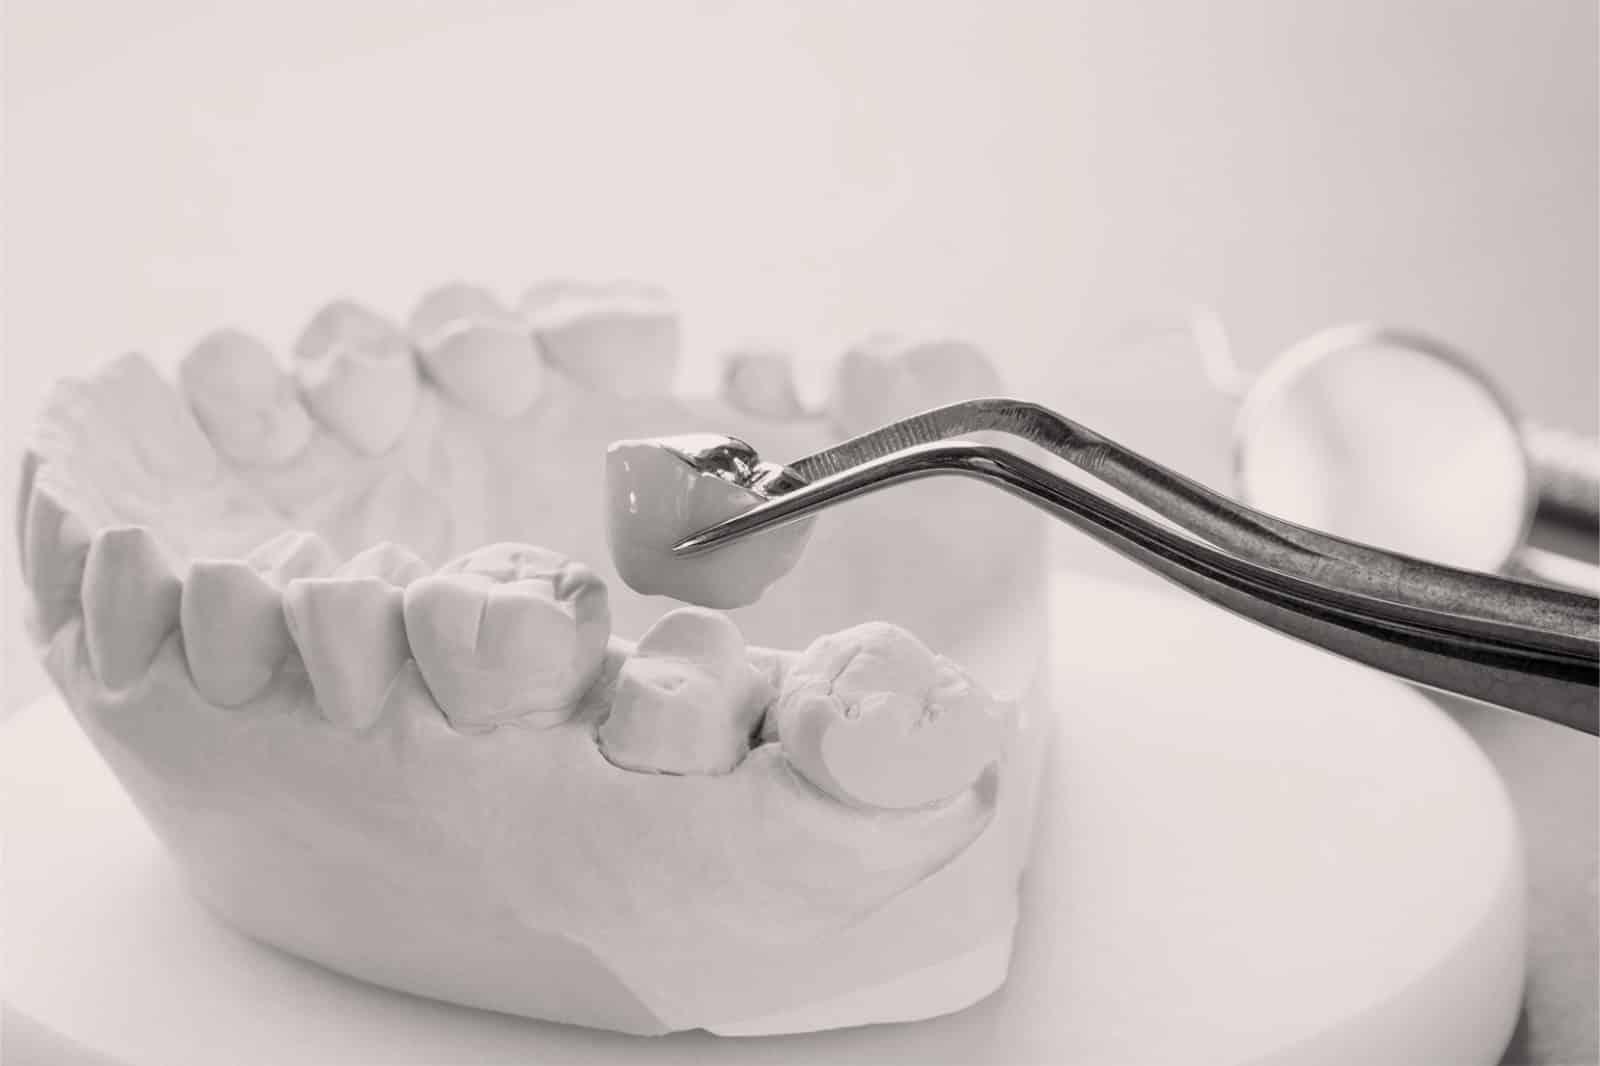 Les prothèses et autres traitements pour l'esthétique dentaire à Lyon